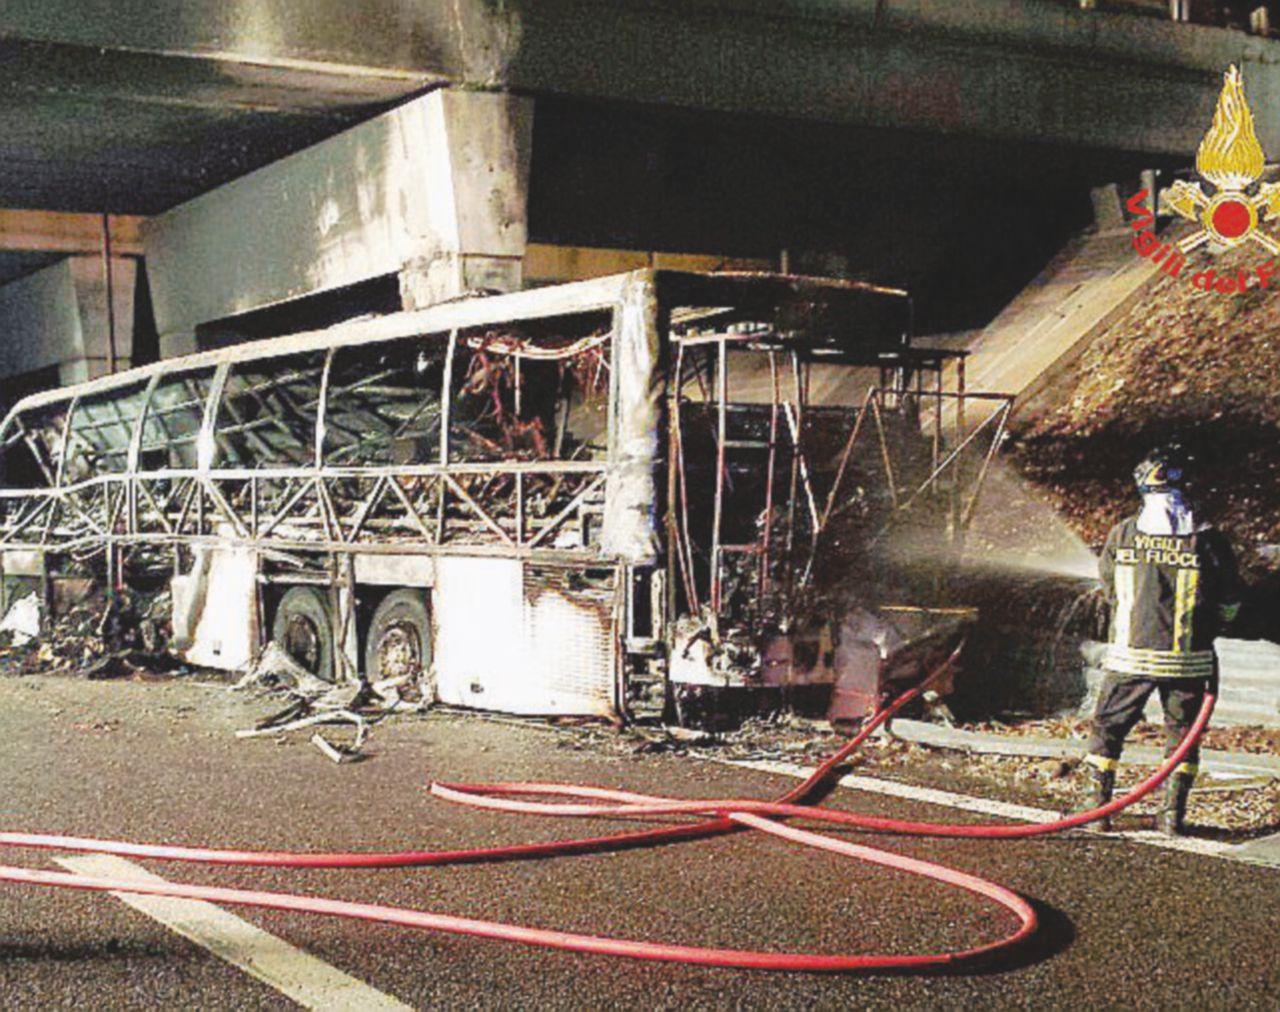 Pullman prende fuoco dopo incidente: almeno 16 morti